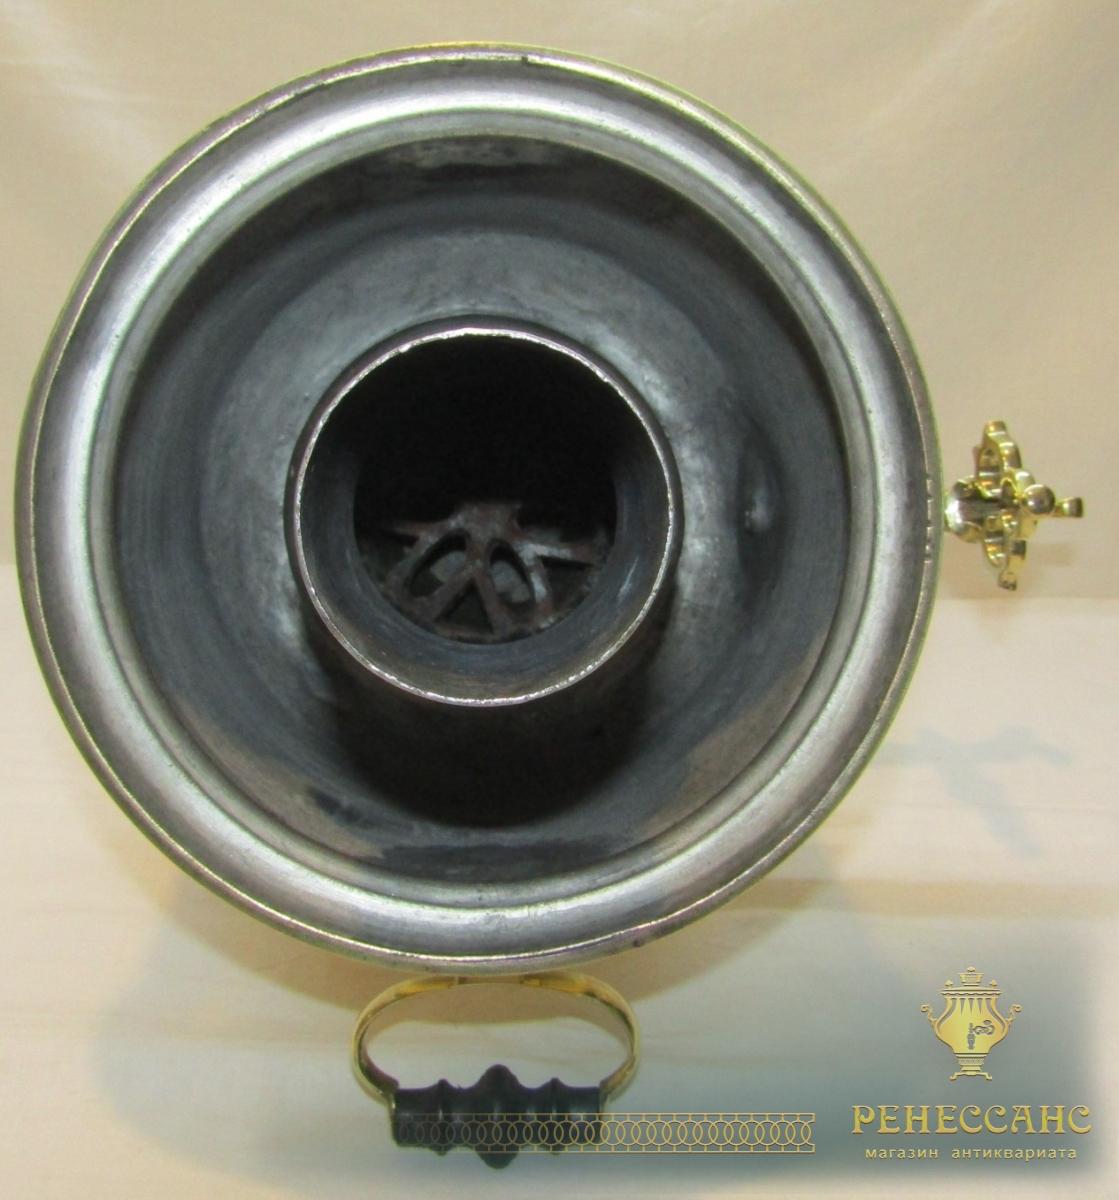 Самовар старинный угольный на 6 литров, Россия 19-20 век №922